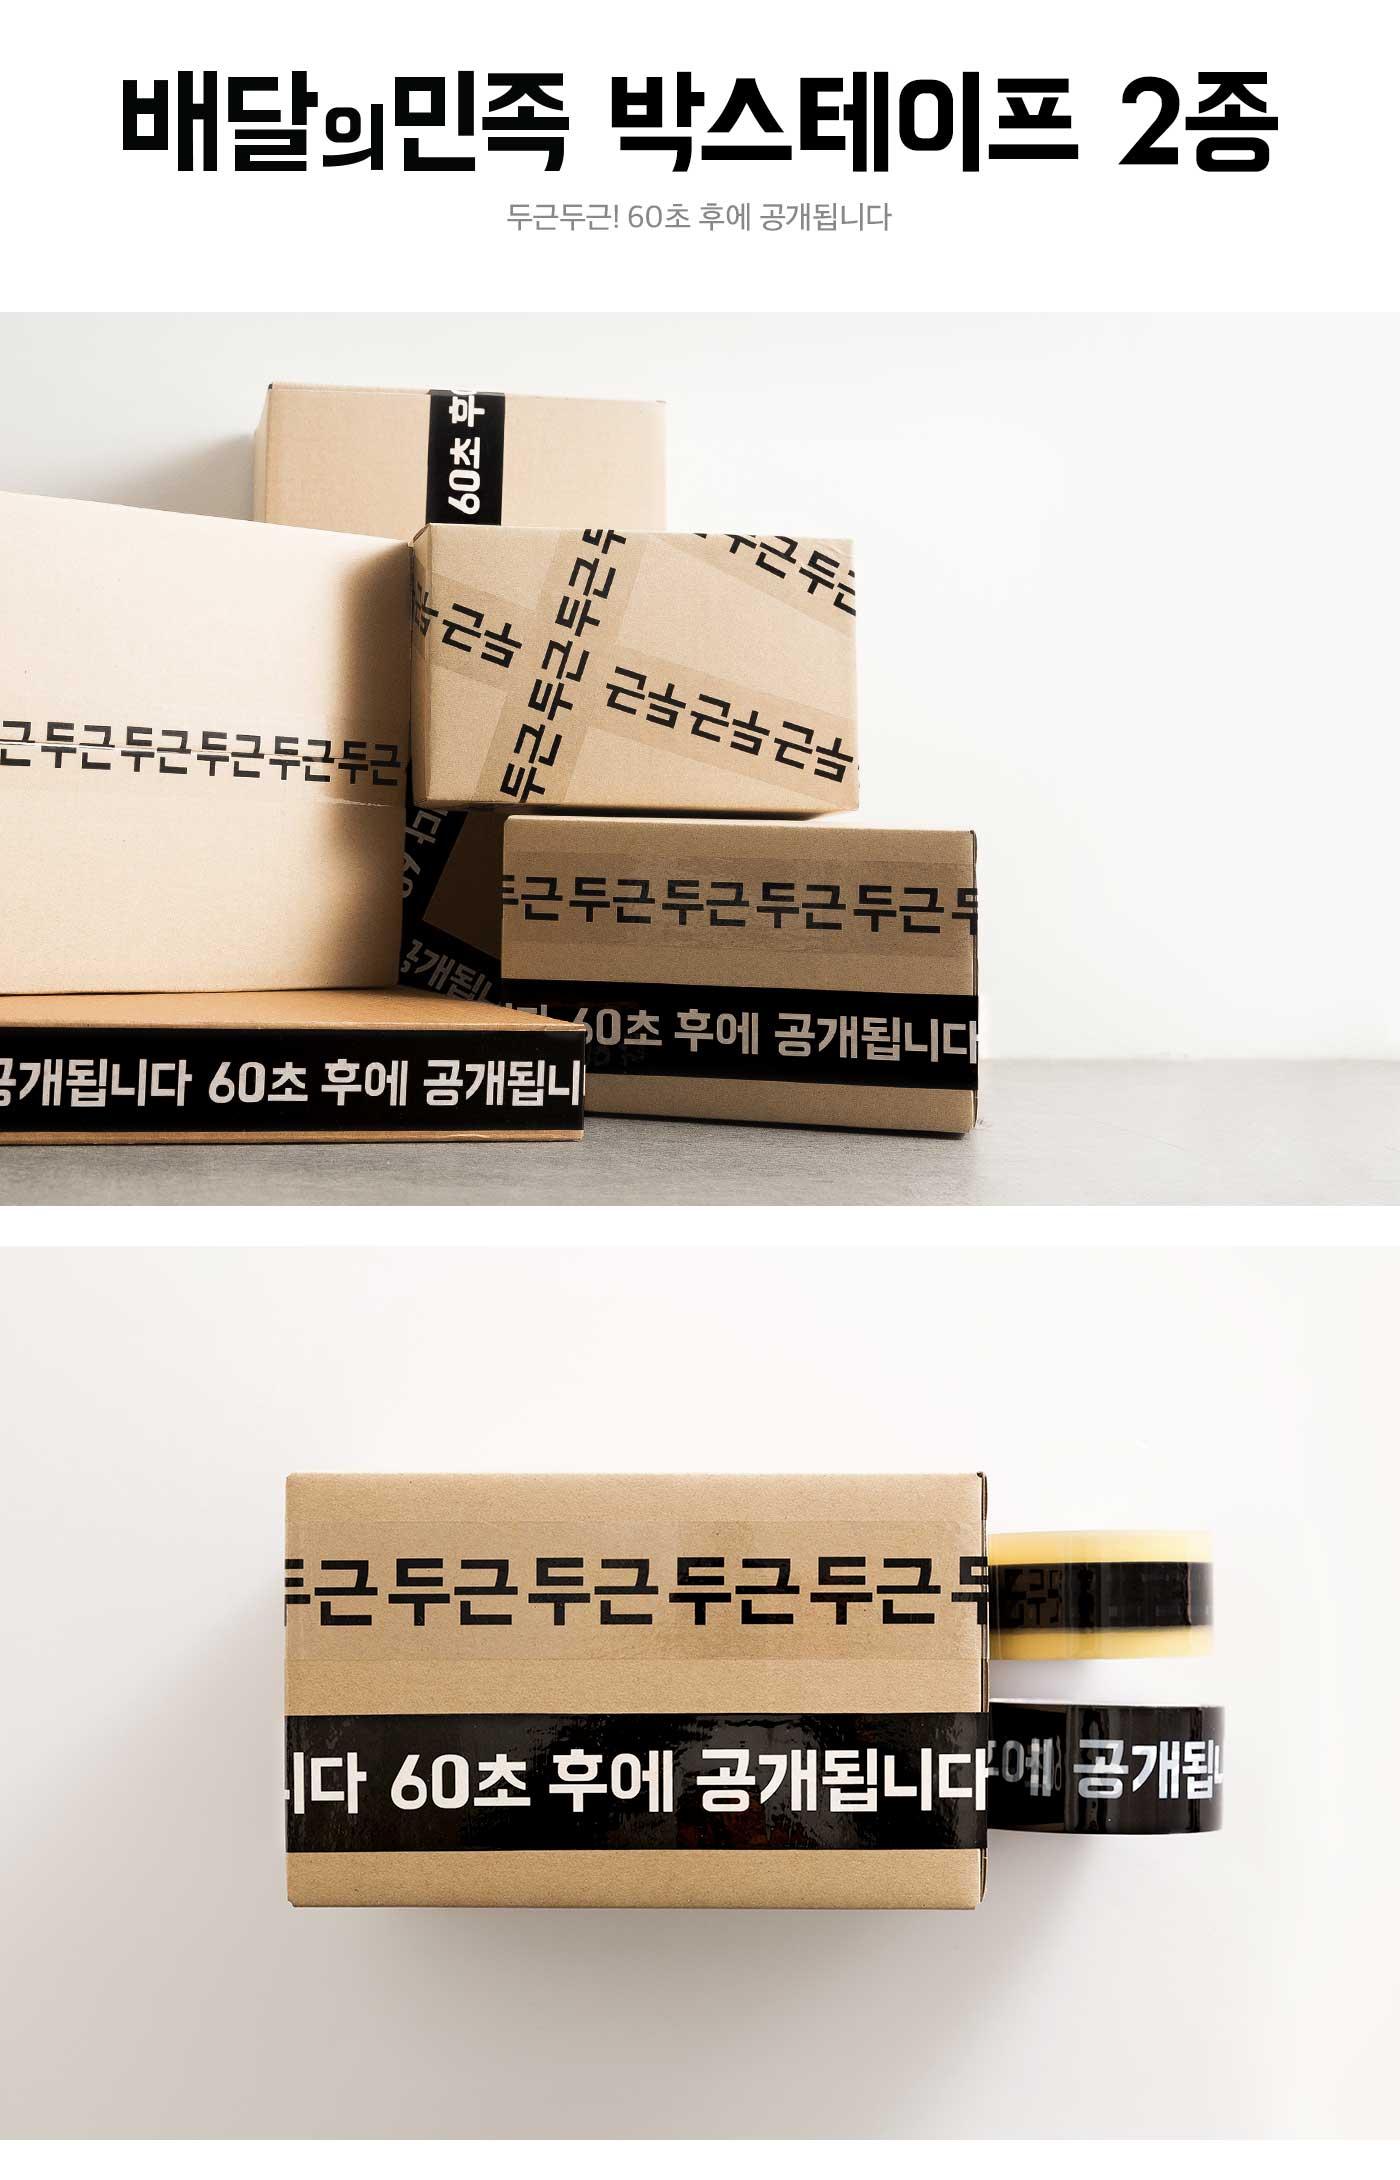 배달의민족 박스테이프: 두근두근 외1종 - 배달의민족, 4,500원, 테이프, 포장/박스/청 테이프